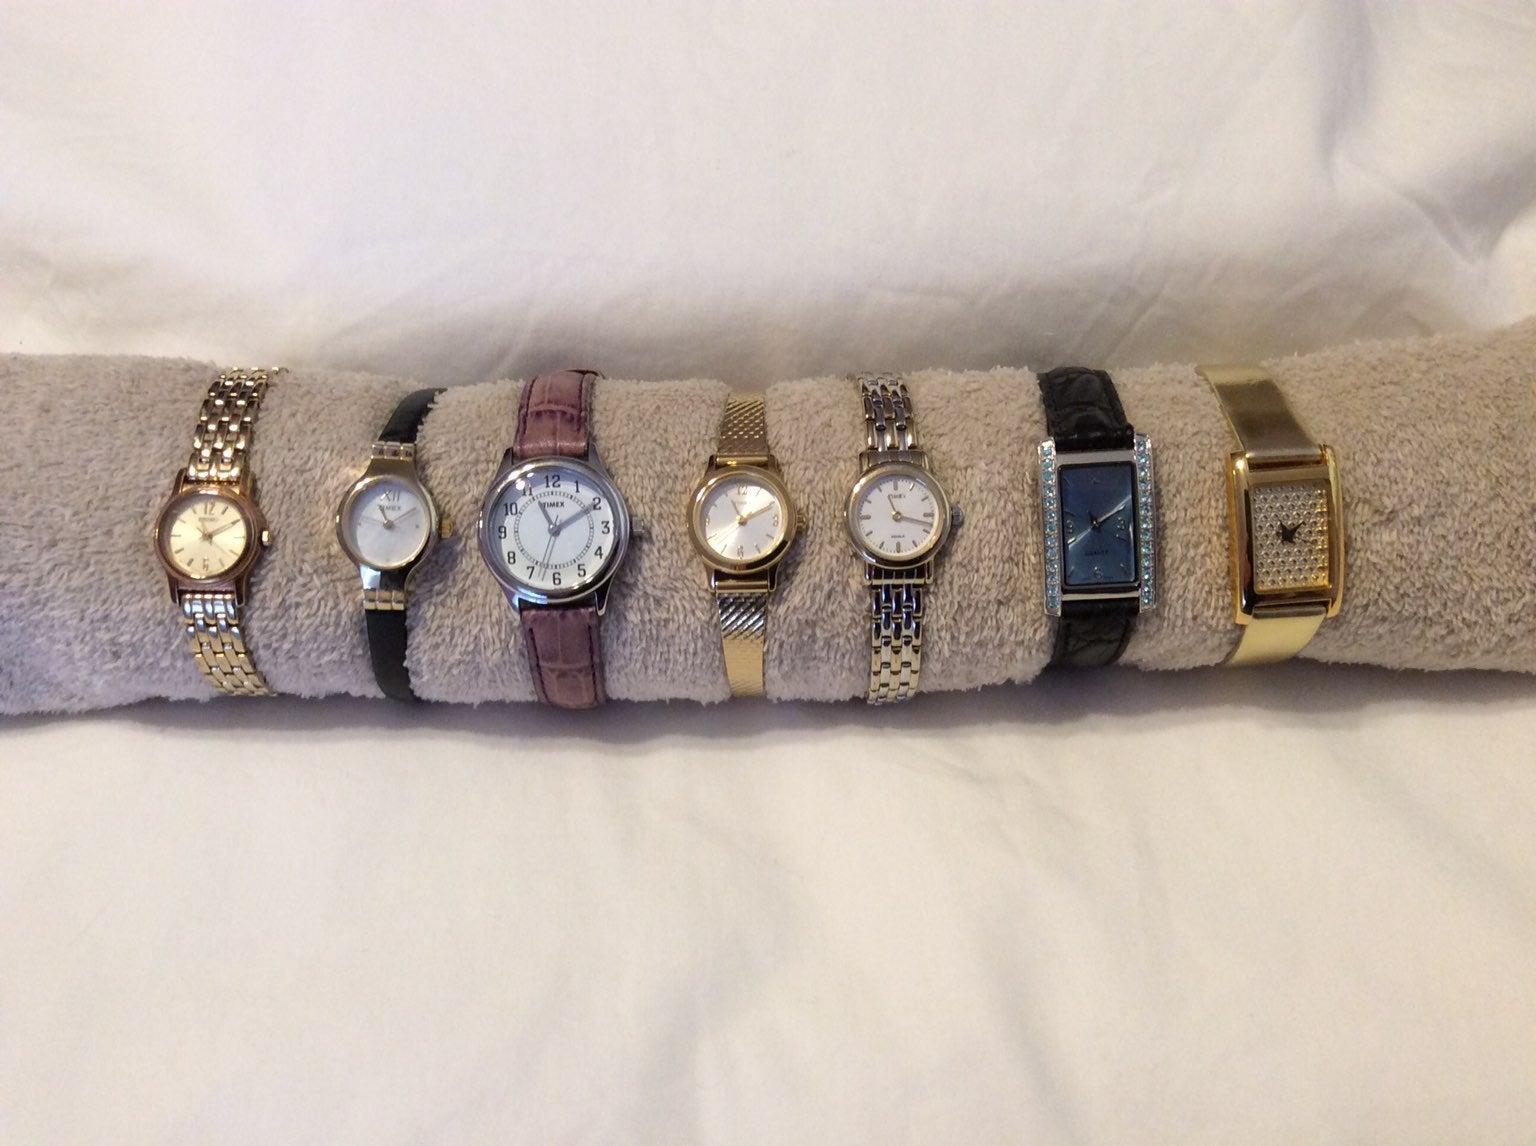 Women's watches: Seiko, Timex & Avon